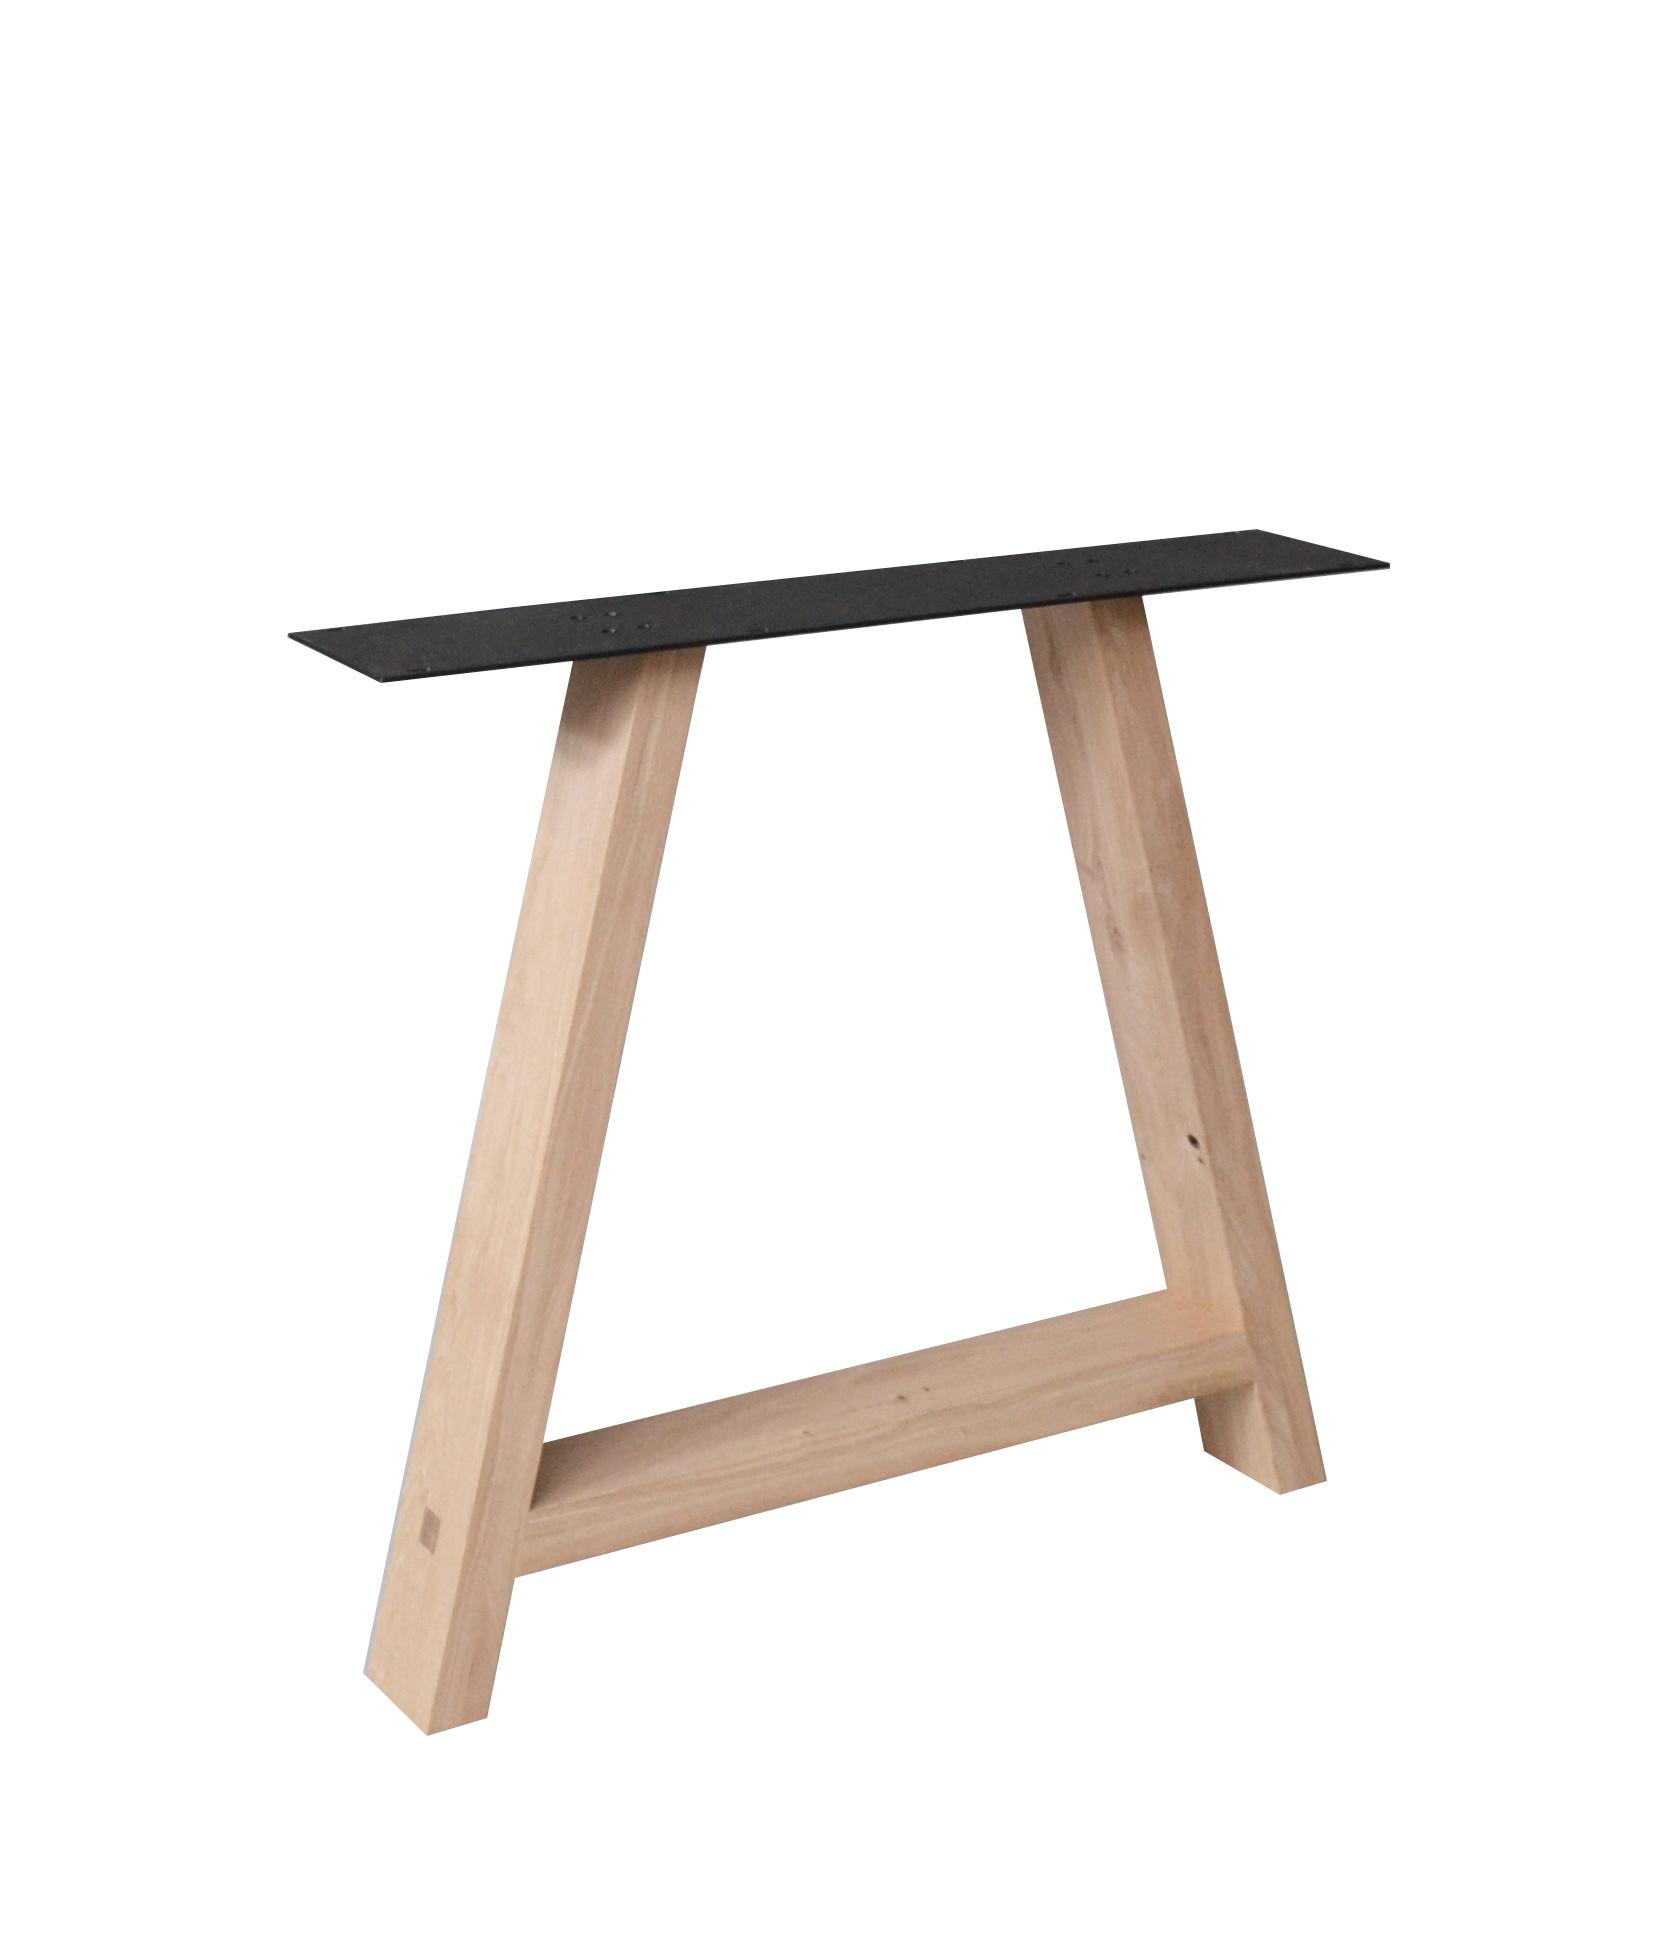 A Tischbeine Eiche Elegant (SET - 2 Stück) 4x10 cm -78 cm breit - 72 cm hoch - Eichenholz leicht Rustikal - A-Form Tischkufen - Massiv verleimt - künstlich getrocknet HF 12%